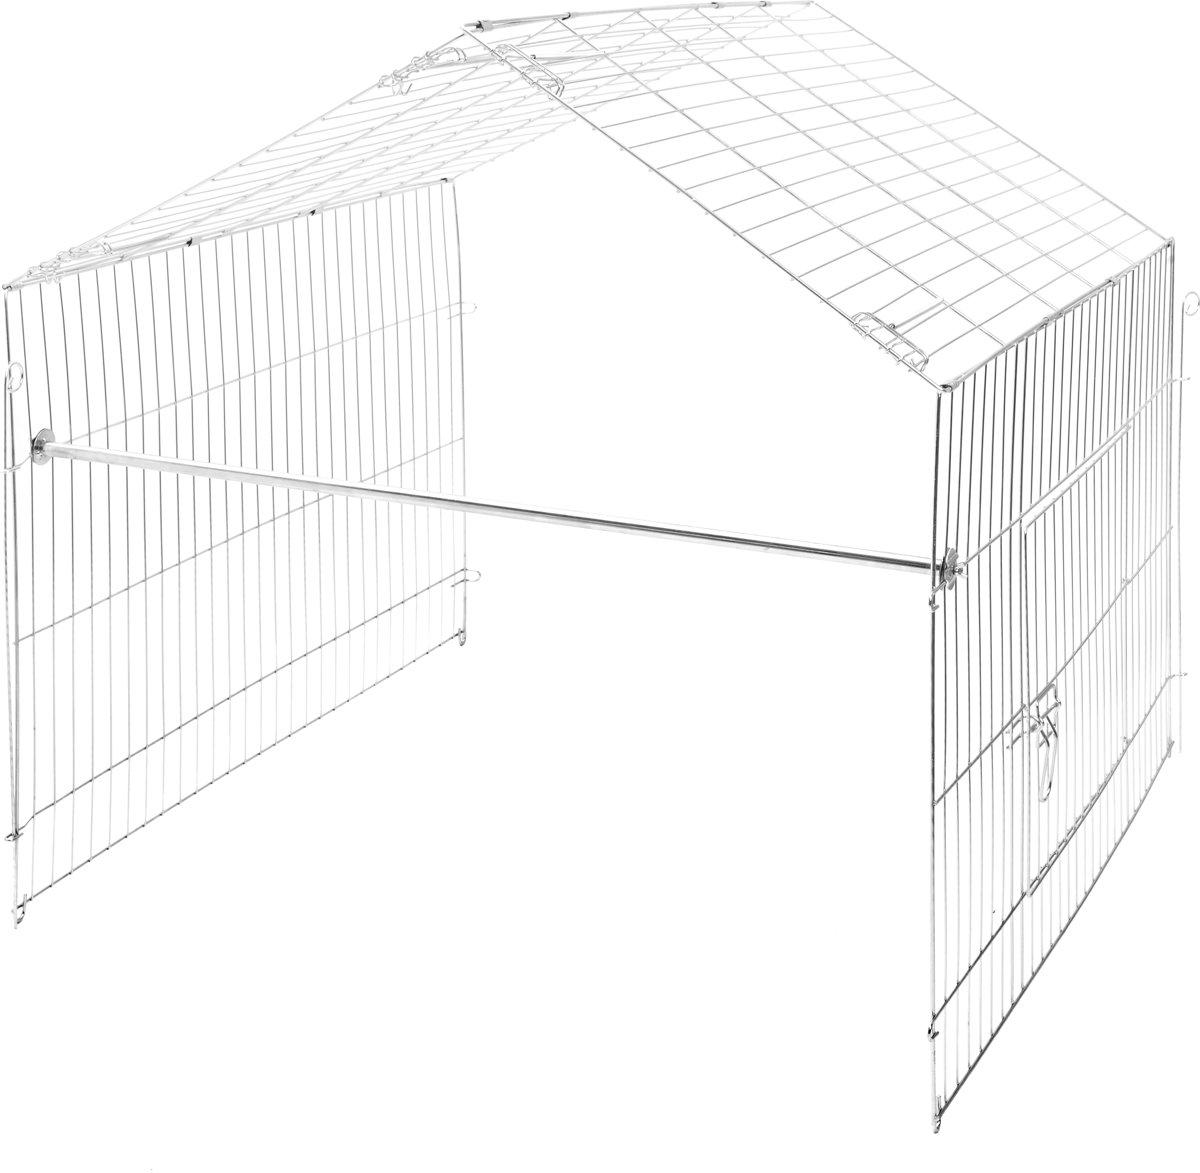 Kerbl uitbreidingsset voor uitloopren of beneden verdieping ean 4018653828434